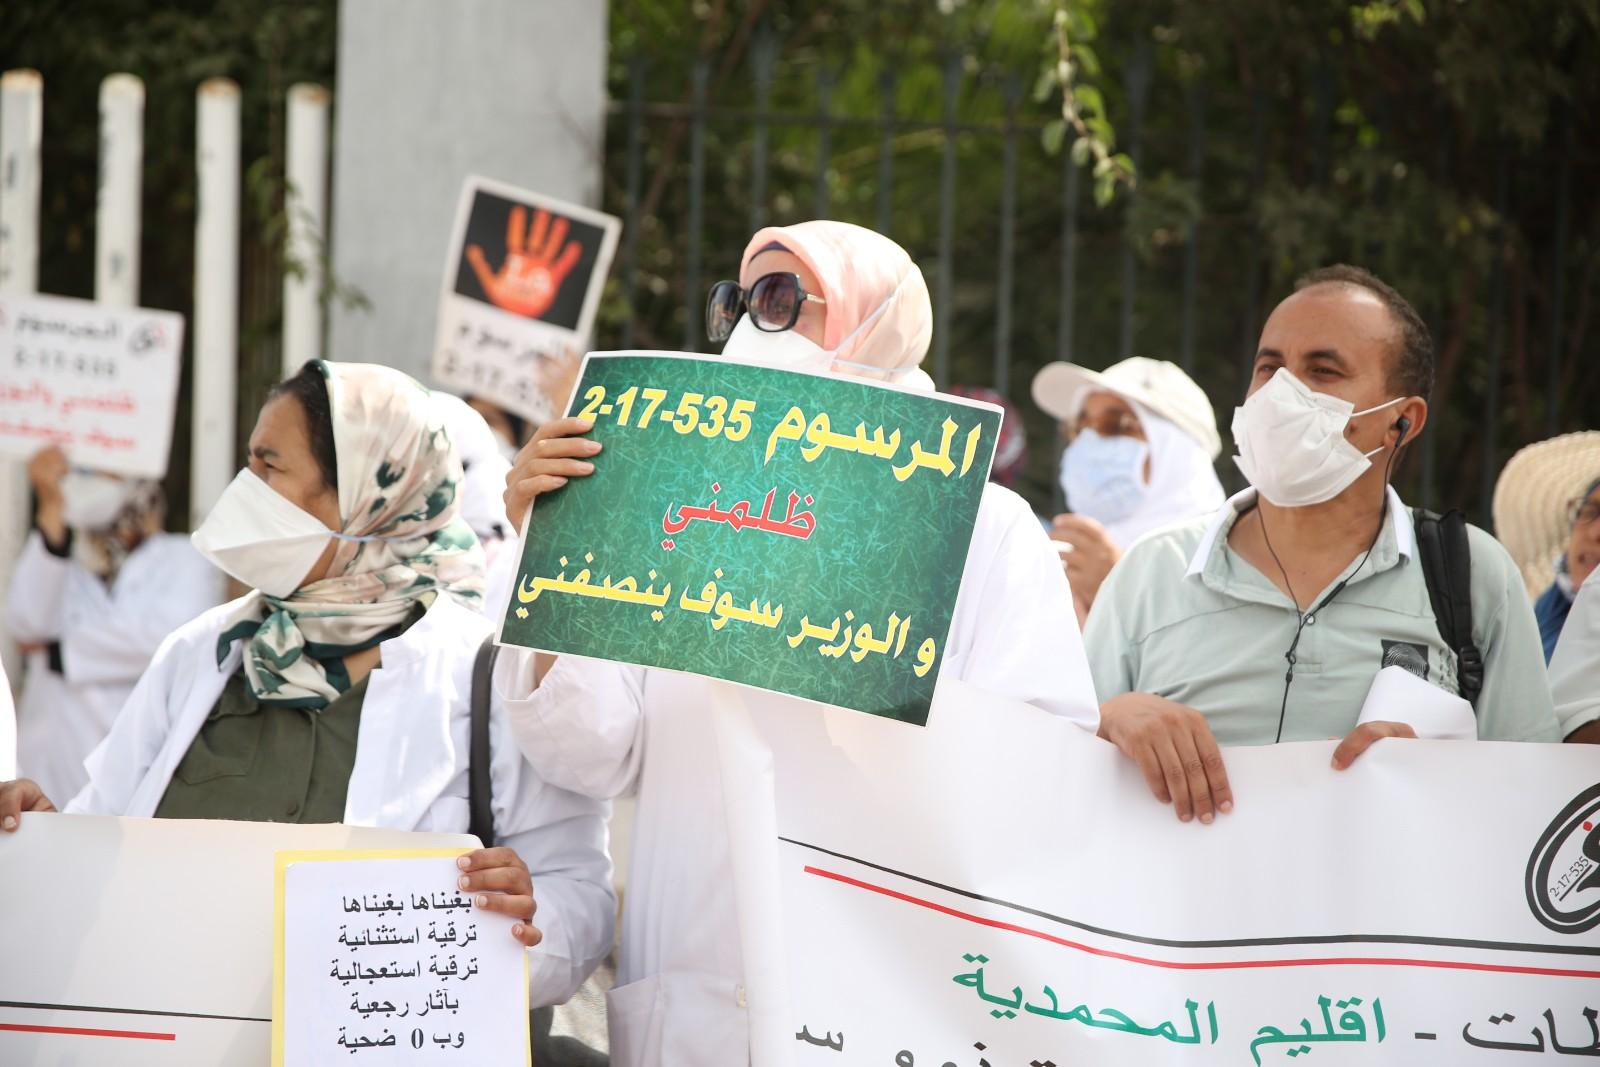 Les infirmiers avec 2 ans de formation se plaignent «d'exclusion et de marginalisation»